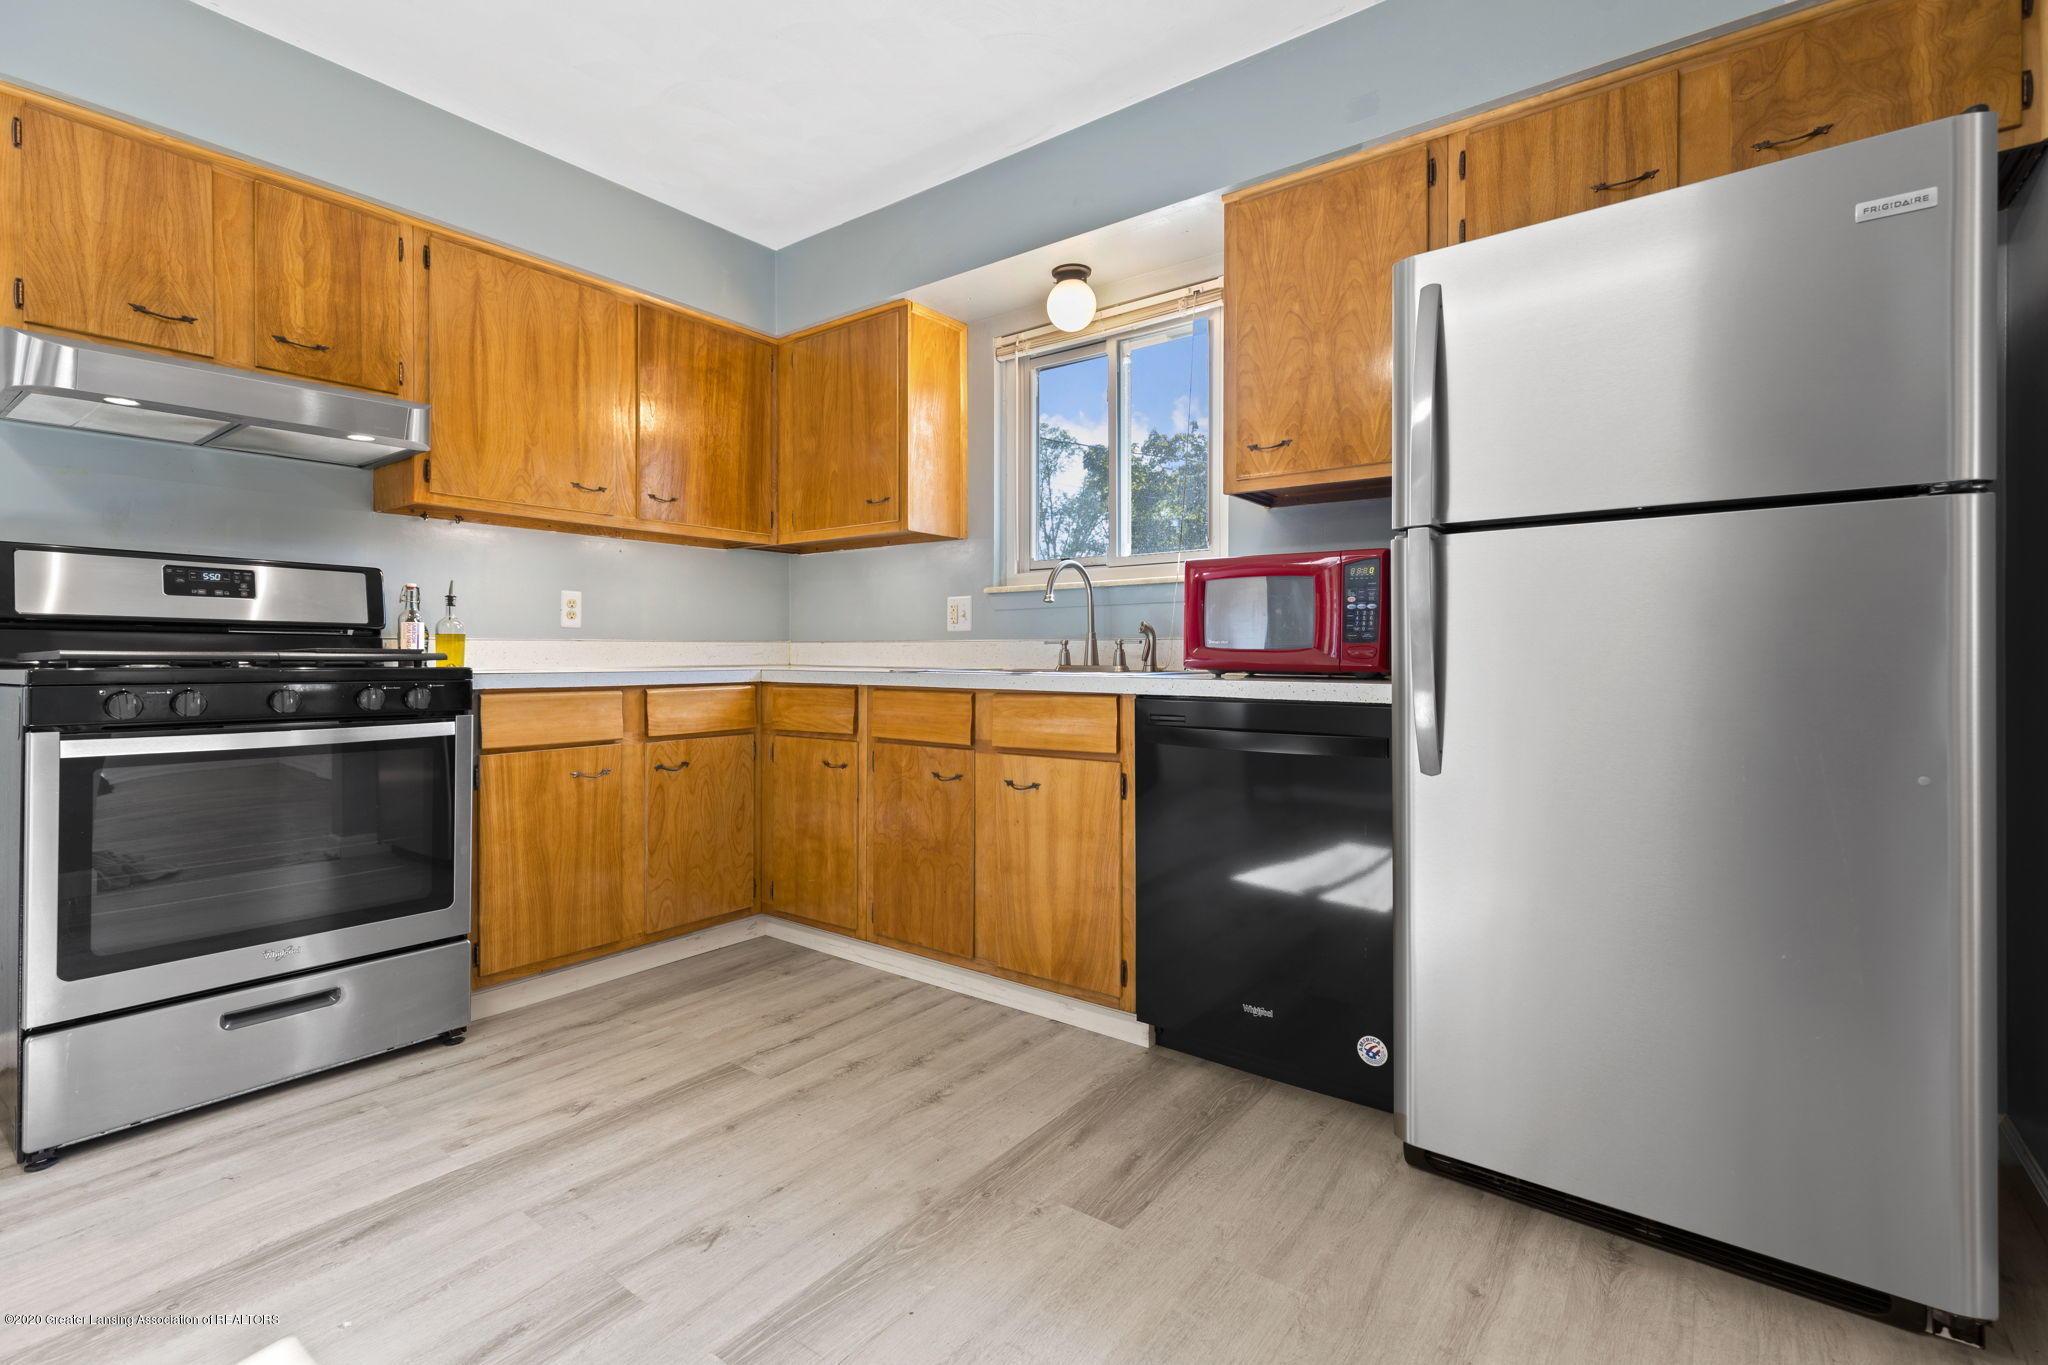 3619 Burchfield Dr - kitchen - 9